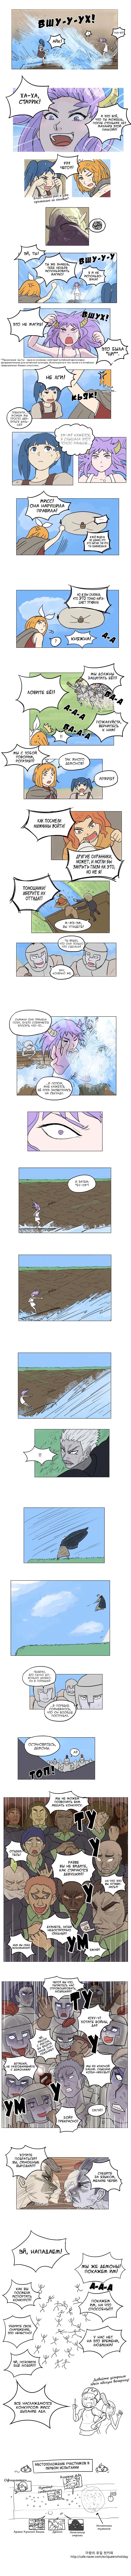 https://r2.ninemanga.com/comics/pic5/23/27095/1457898/156389379173.png Page 2